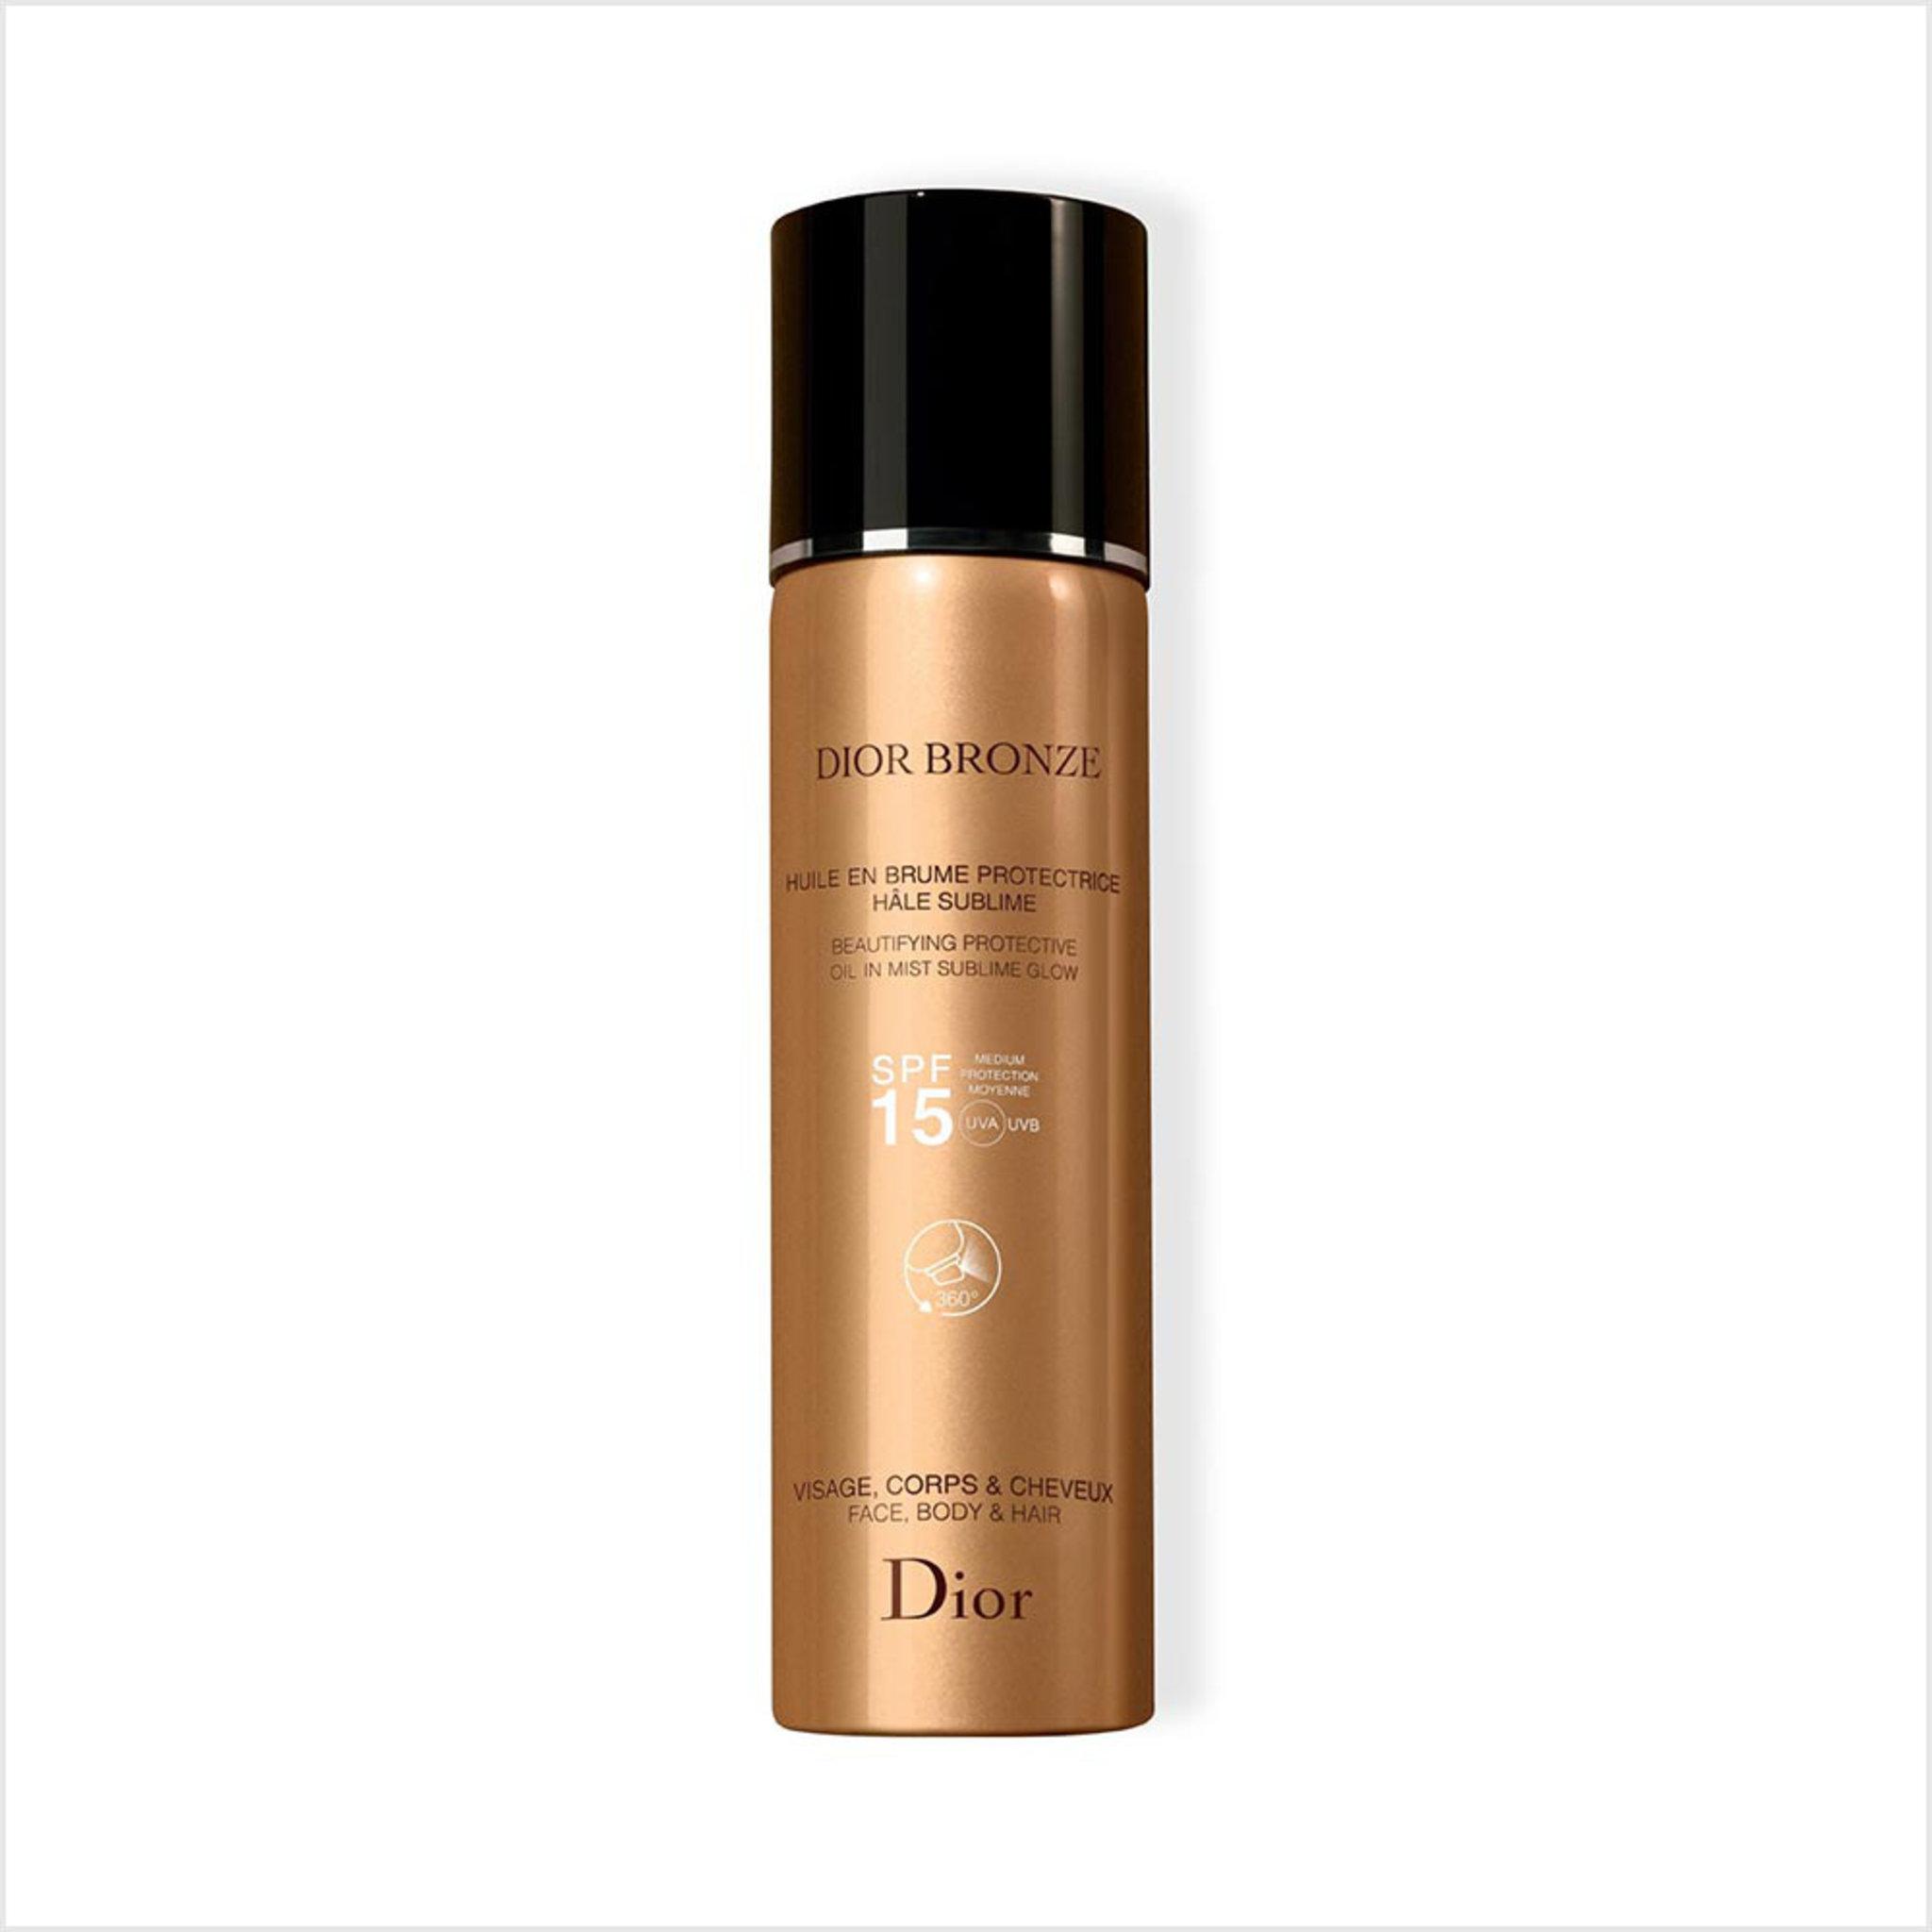 Dior Bronze Oil In Mist SPF 15 , 125 ML